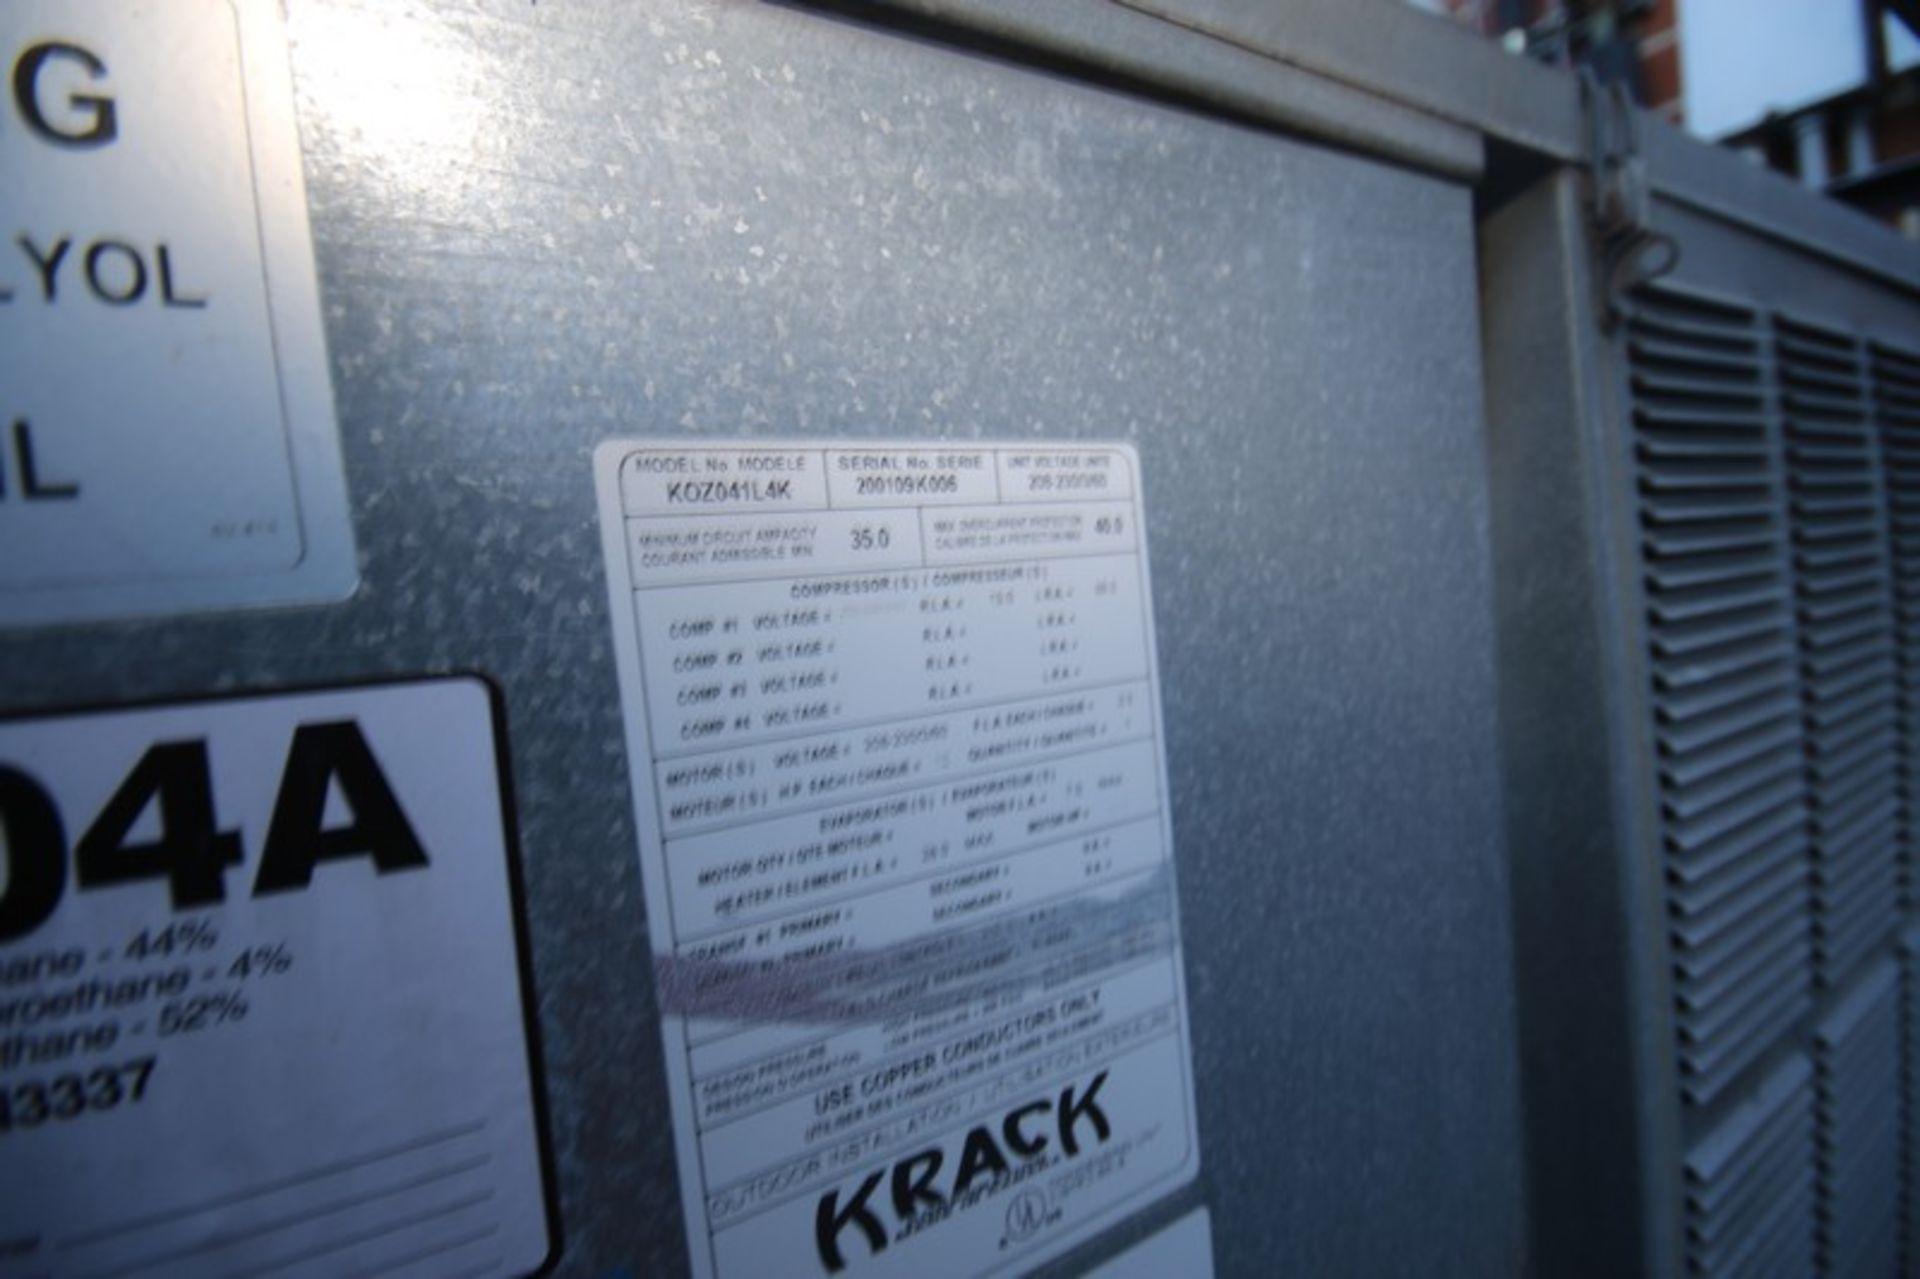 Krack Refrigeration Compressor, M/N KOZ042L4K, S/N 200109K006 with R-404A Refrigerant, 208-230/460 - Image 5 of 6